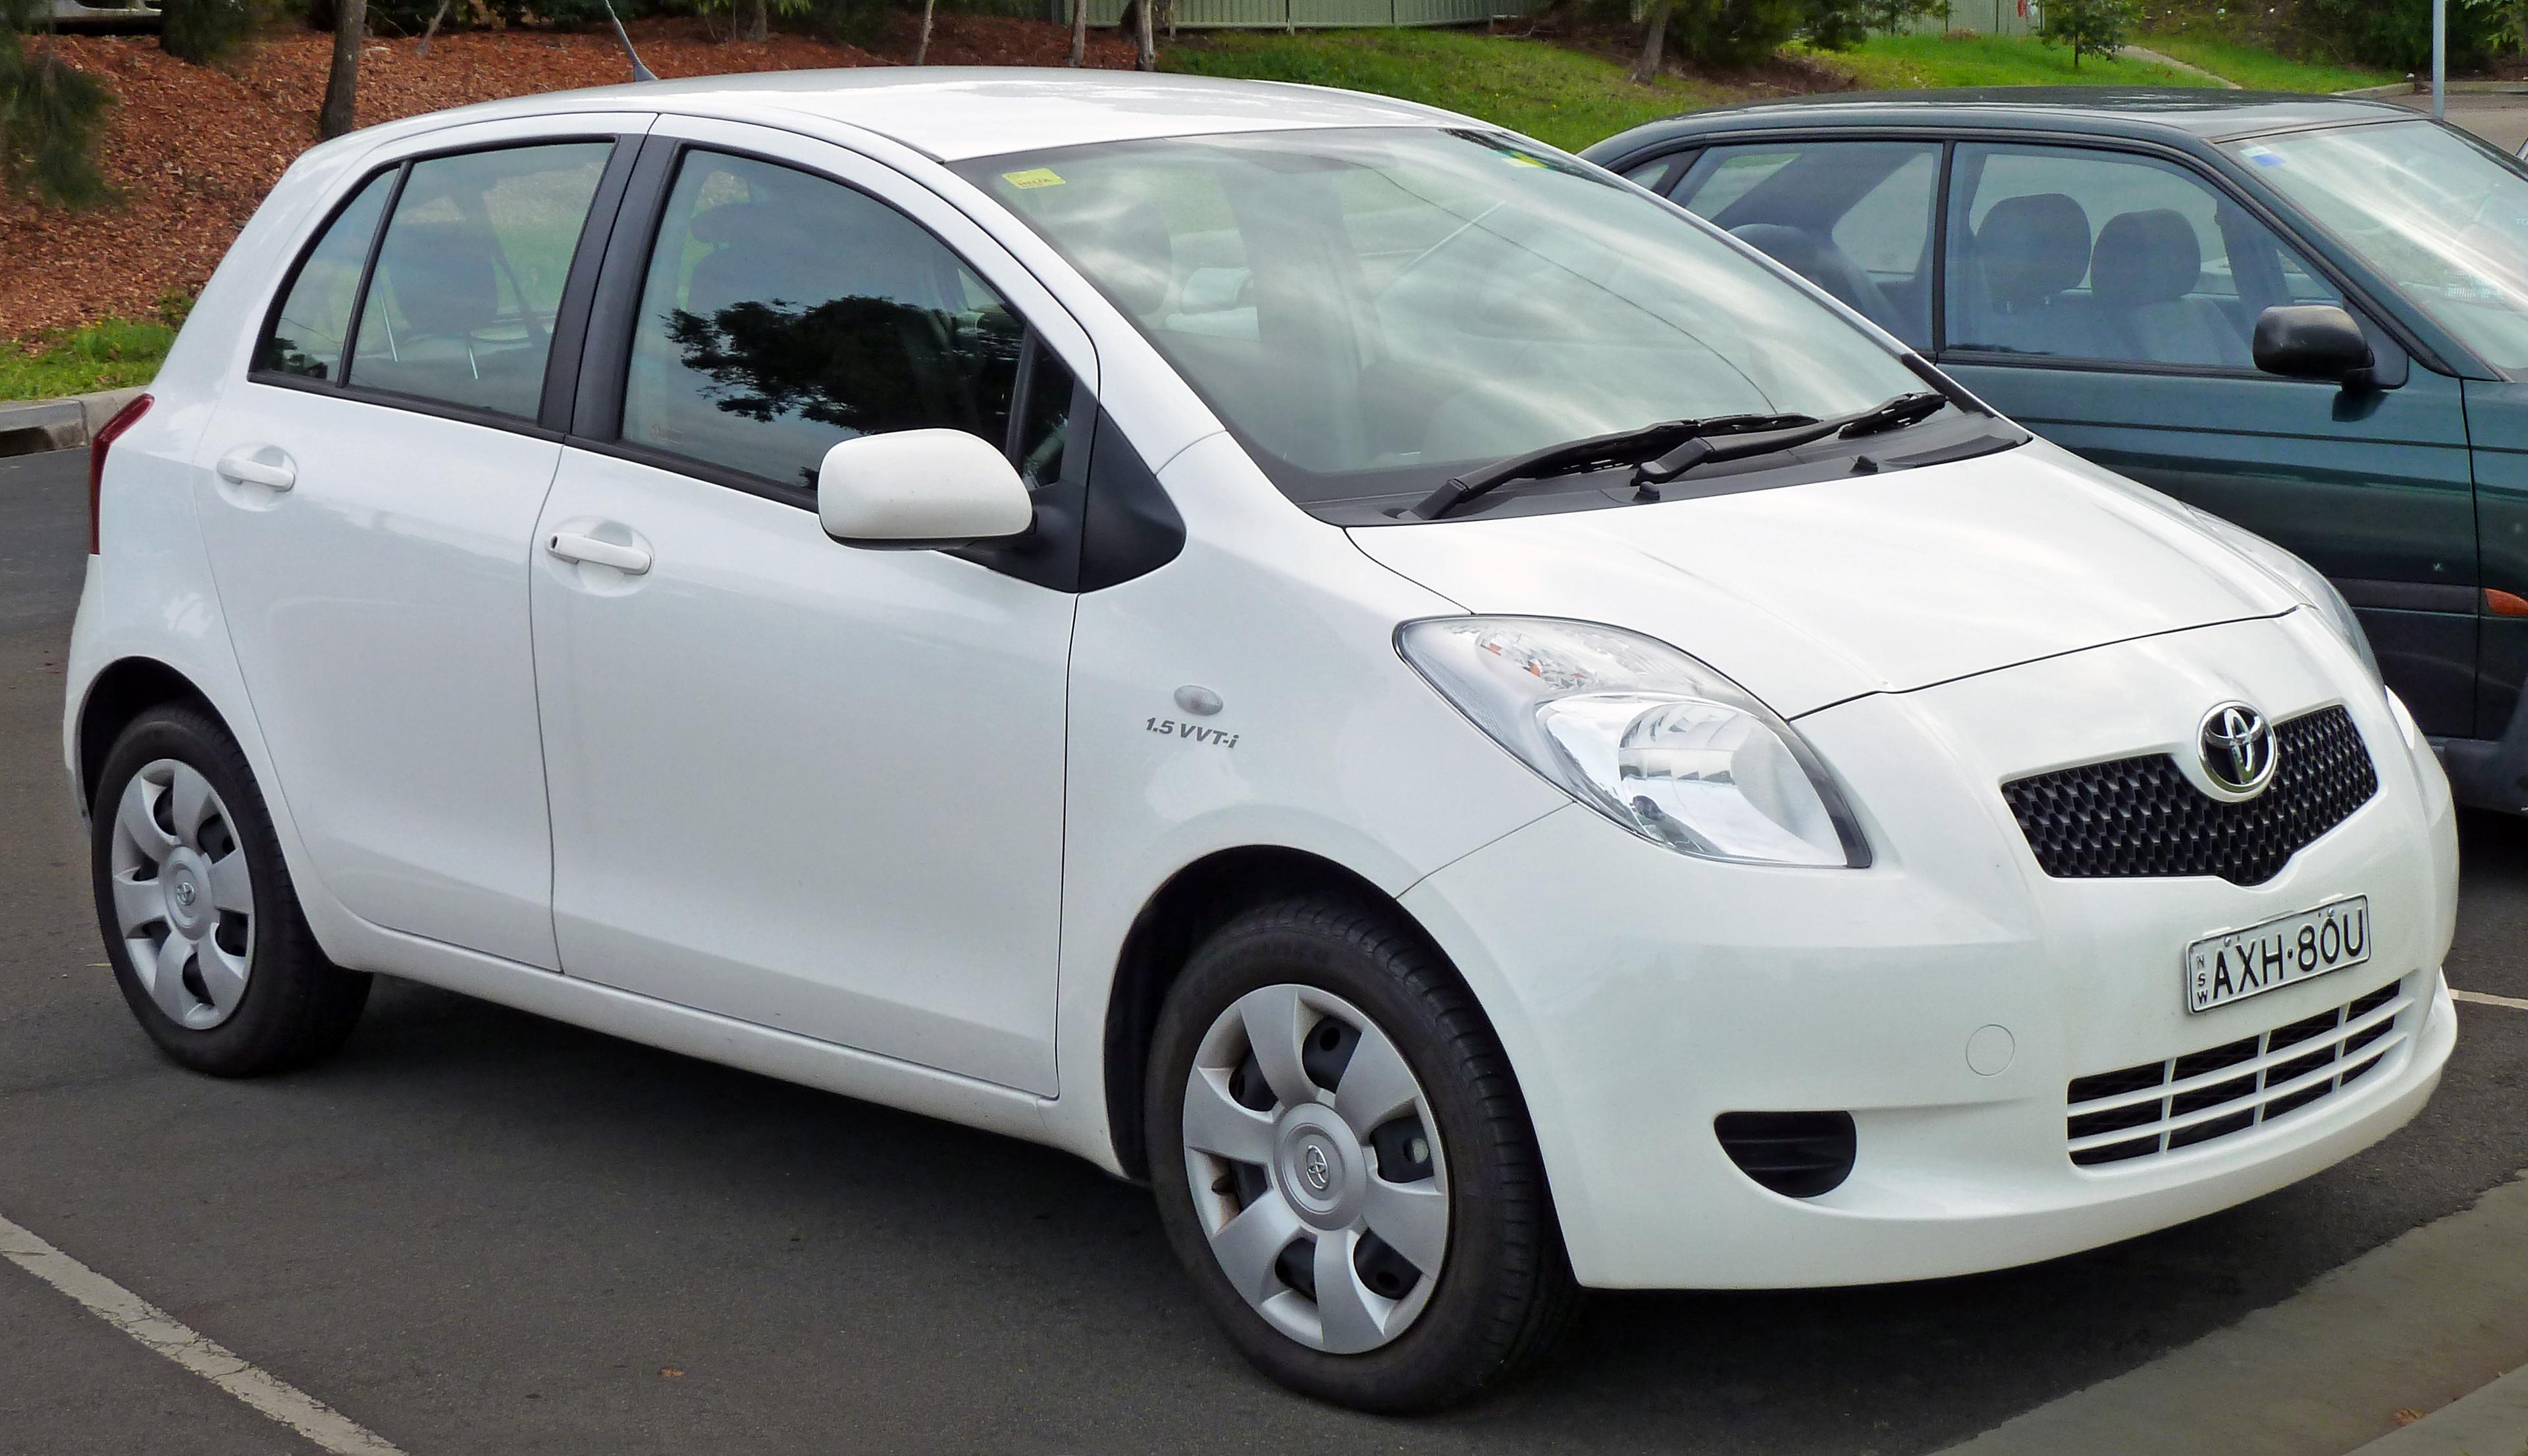 Тойота аурис 2010 фото